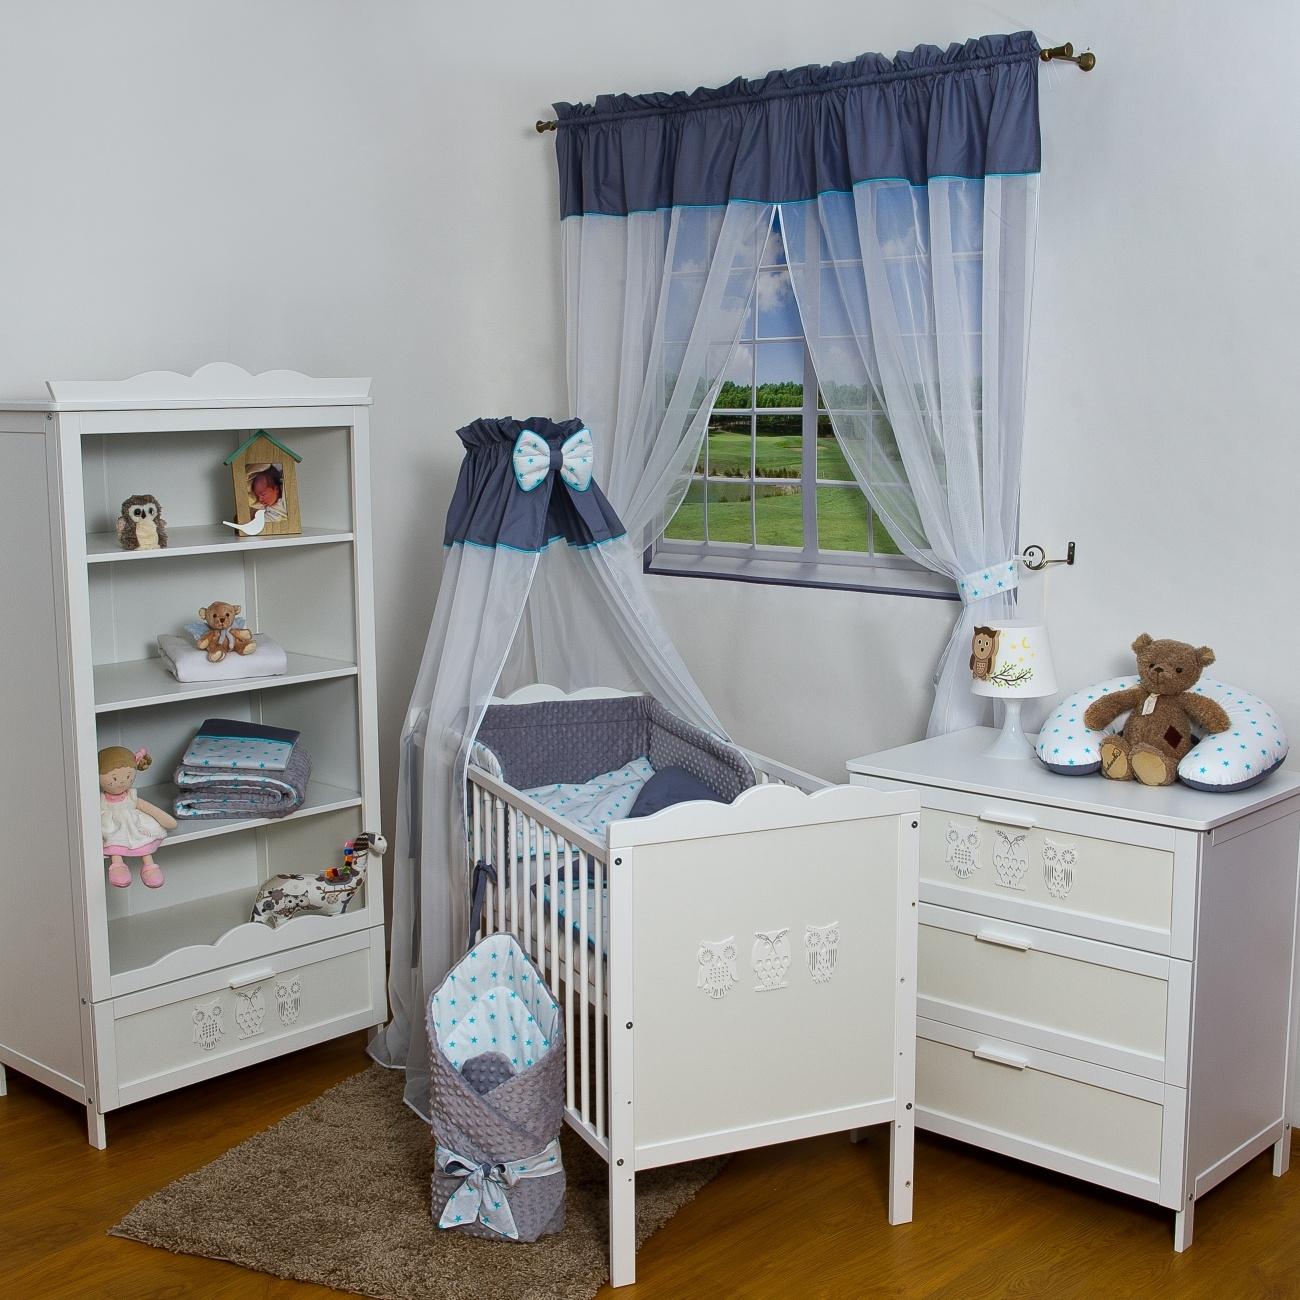 ensemble set complet minky 11 pi ces parure de lit pour b b ebay. Black Bedroom Furniture Sets. Home Design Ideas